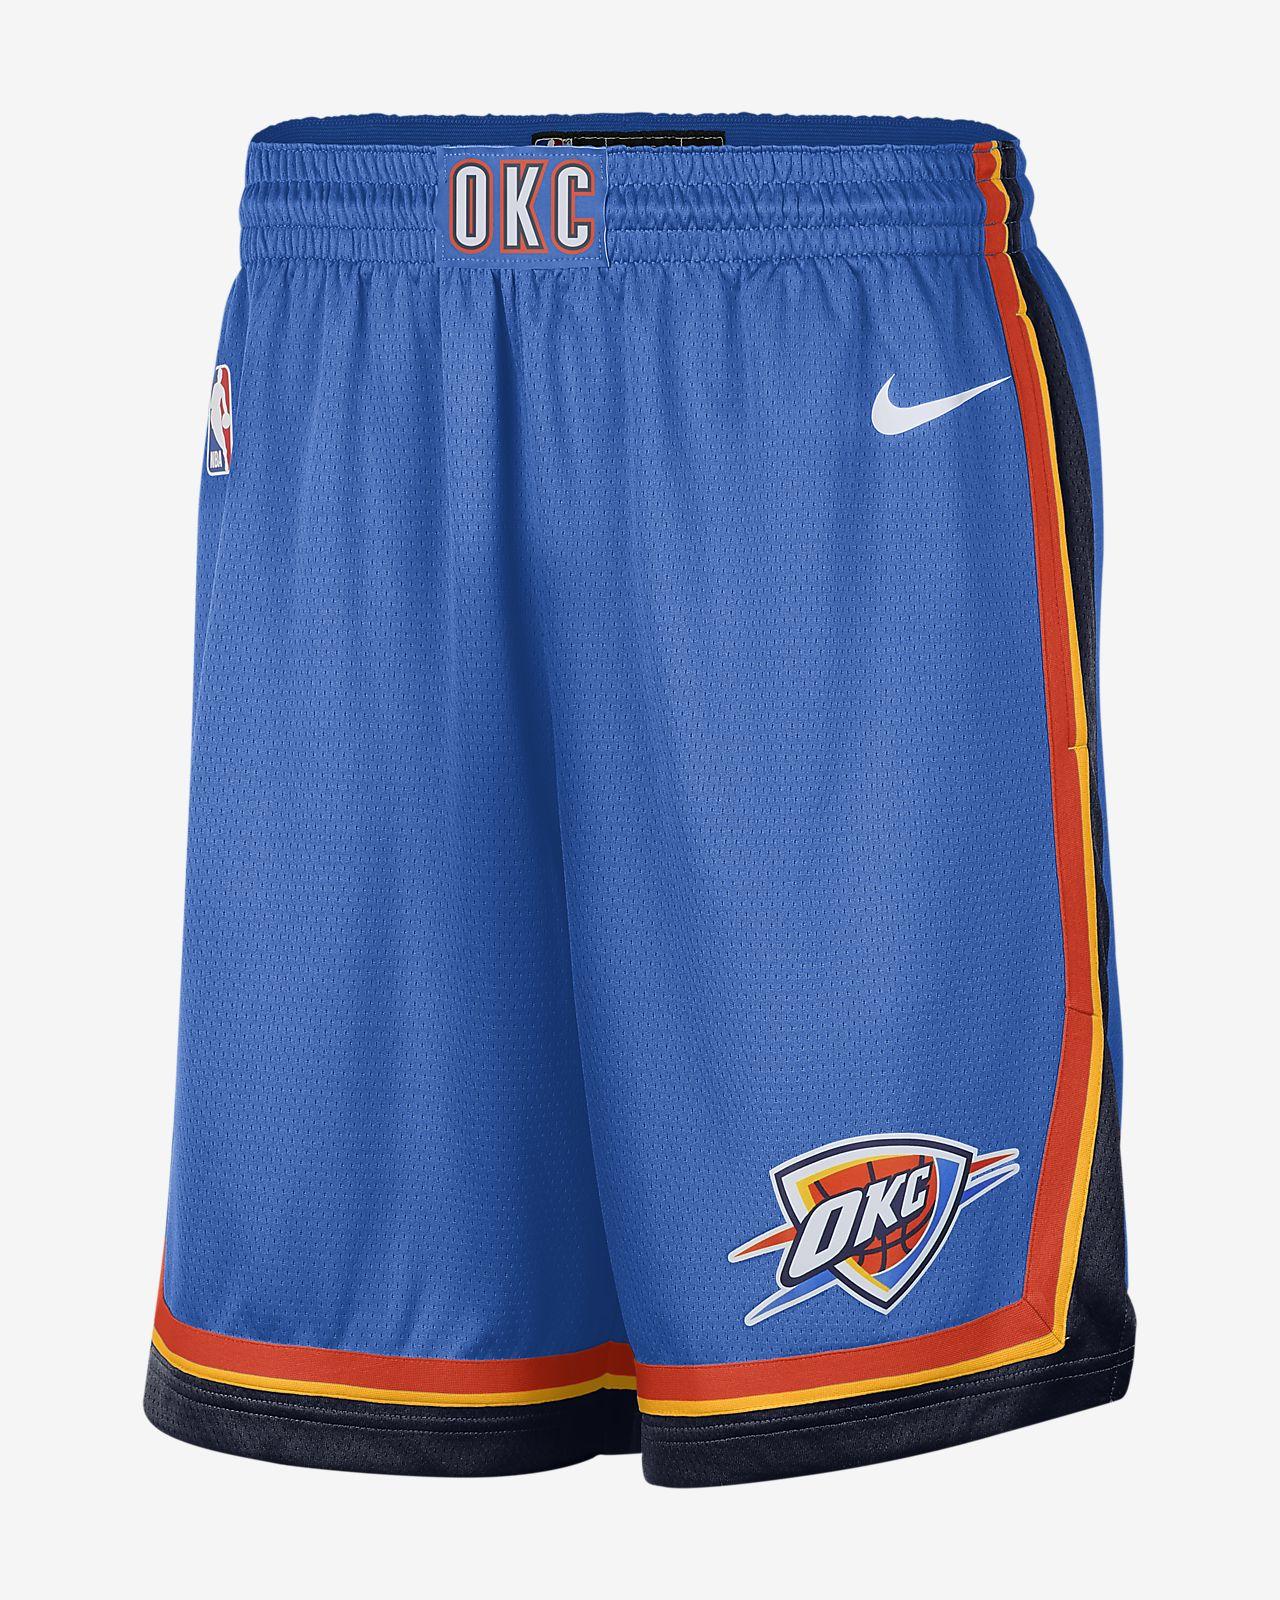 Oklahoma City Thunder Icon Edition Swingman Men's Nike NBA Shorts